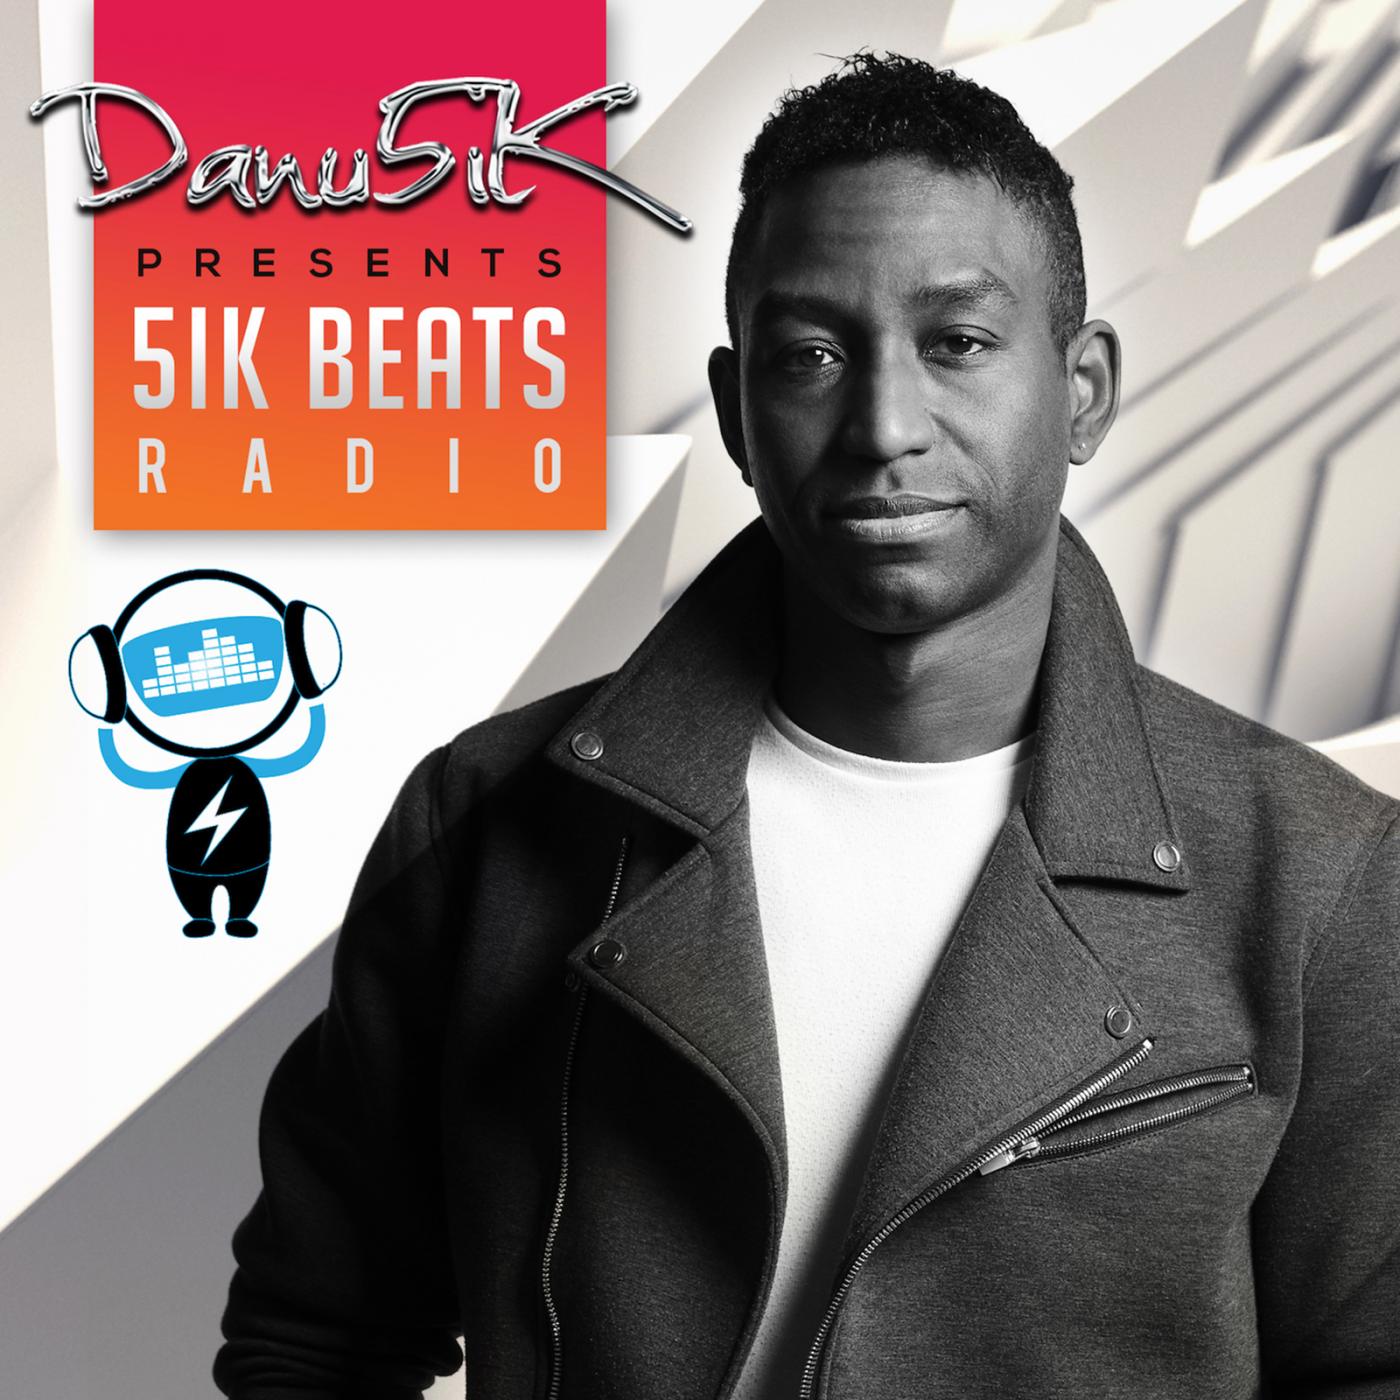 5ik Beats Radio 095 | Danu5ik